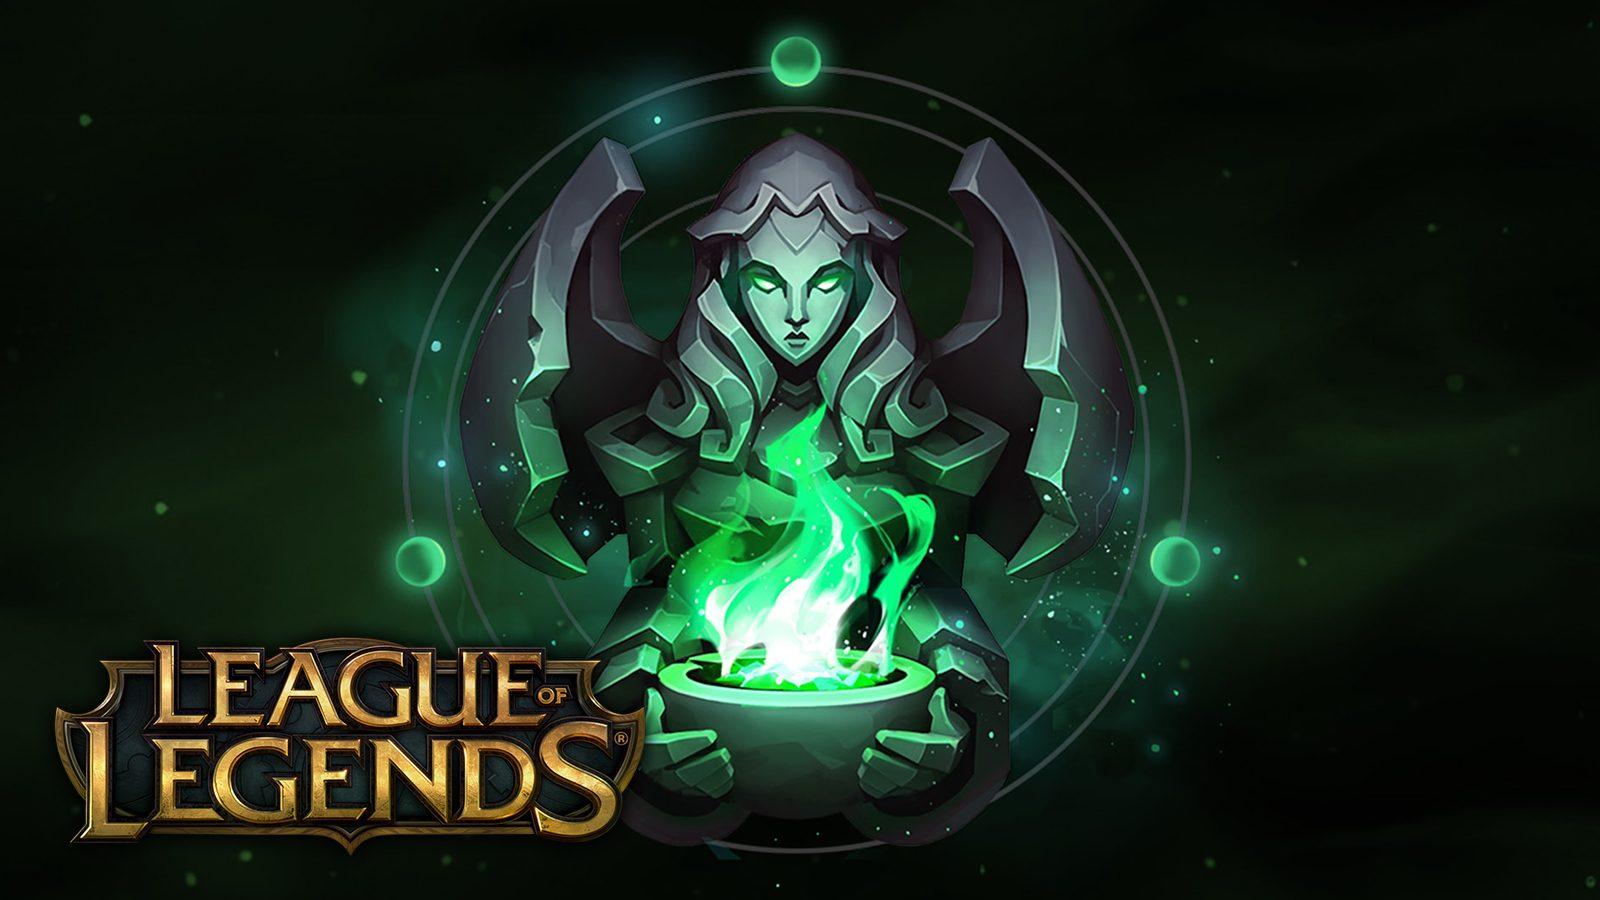 League of Legends Eternals logo green